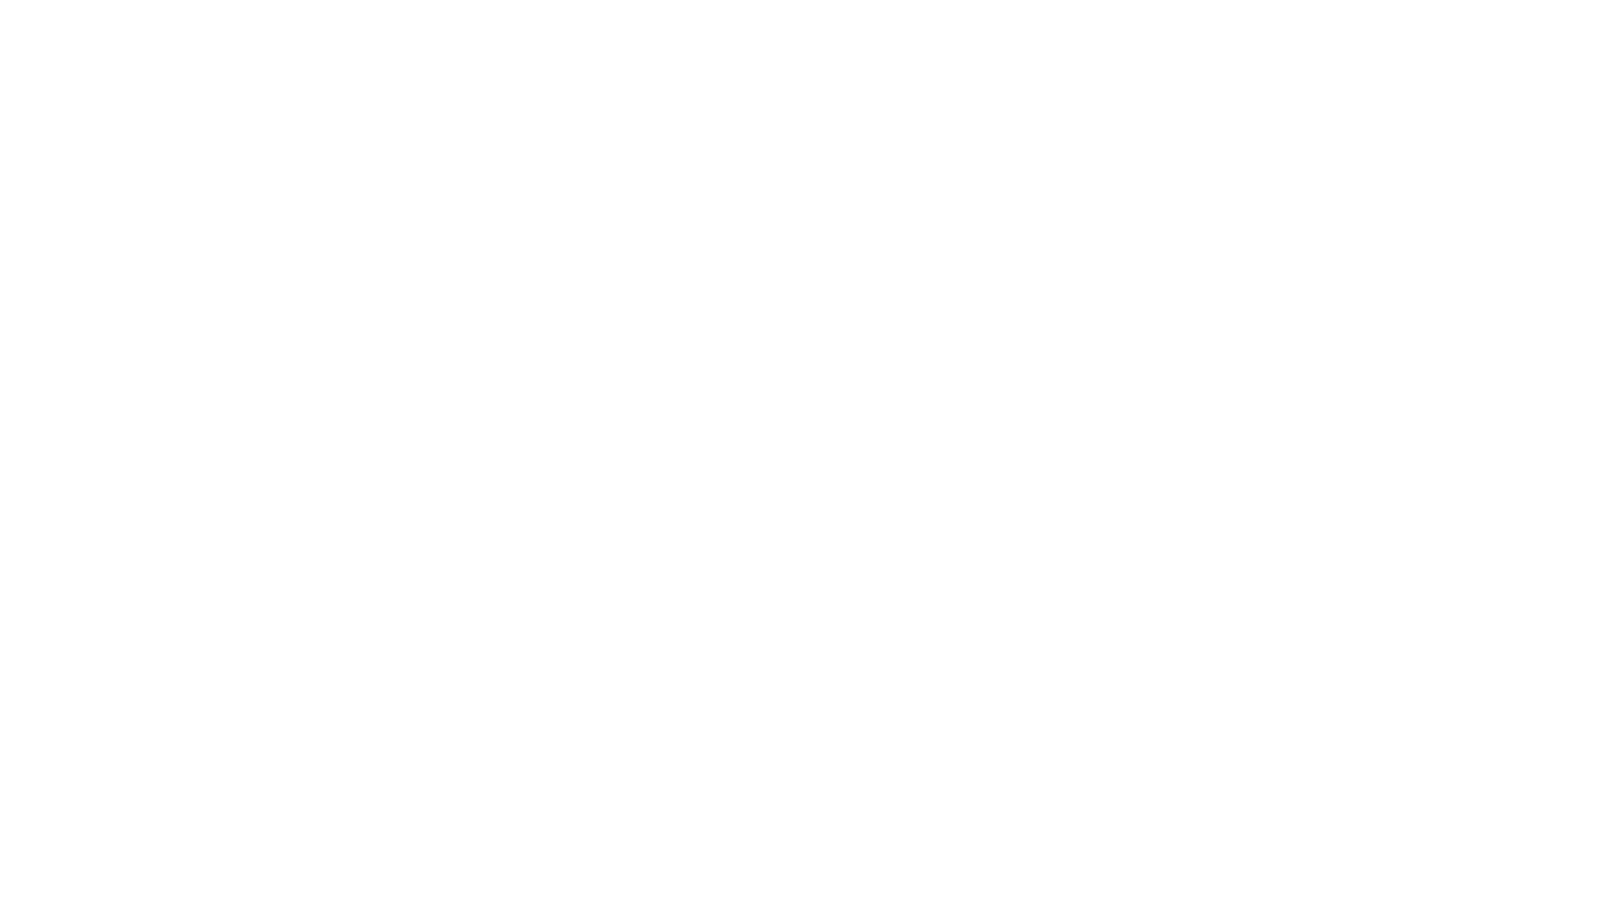 Neste vídeo falo sobre um projeto social bem bacana desenvolvido pelo autor Ruan Victor da RZE Comics que criou uma história em quadrinhos biográfica sobre uma referência no mundo dos esportes.   Informações da revista: Formato 17 x 26cm, capas e miolo coloridos em papel couche brilho, 16 páginas . Ruan Vitor (autor / Roteirista / Ilustrador), RZE Comics (Produtora), Gabriel Rocha (letras), Editora Kimera (Publicadora e distribuidora).   Sinopse: A história narra os dramas vividos por Wadson Teixeira de Jesus desde a sua sofrida infância até os desafios que superou transformando-o na maior lenda viva do Muay-Thai: Wadson Nocaute.  CONTATO COM O AUTOR: https://instabio.cc/rzequadrinhos  CONTATO COM A EDITORA: https://www.editorakimera.com/  WADSON NOCAUTE: https://www.instagram.com/wadson_nocaute   CONHEÇA TAMBÉM AS REDES SOCIAIS E OS TRABALHOS DO AUTOR EBERTON FERREIRA: http://www.linktr.ee/estudioston  Este vídeo foi editado por Bigmau quadrinhos Oficial. Intros, Vinhetas personalizadas, edição de vídeo e uma Incrível Assessoria para você tornar seu canal mais profissional. Para mais informações entrem contato pelo E-mail bigmaucomics@gmail.com.